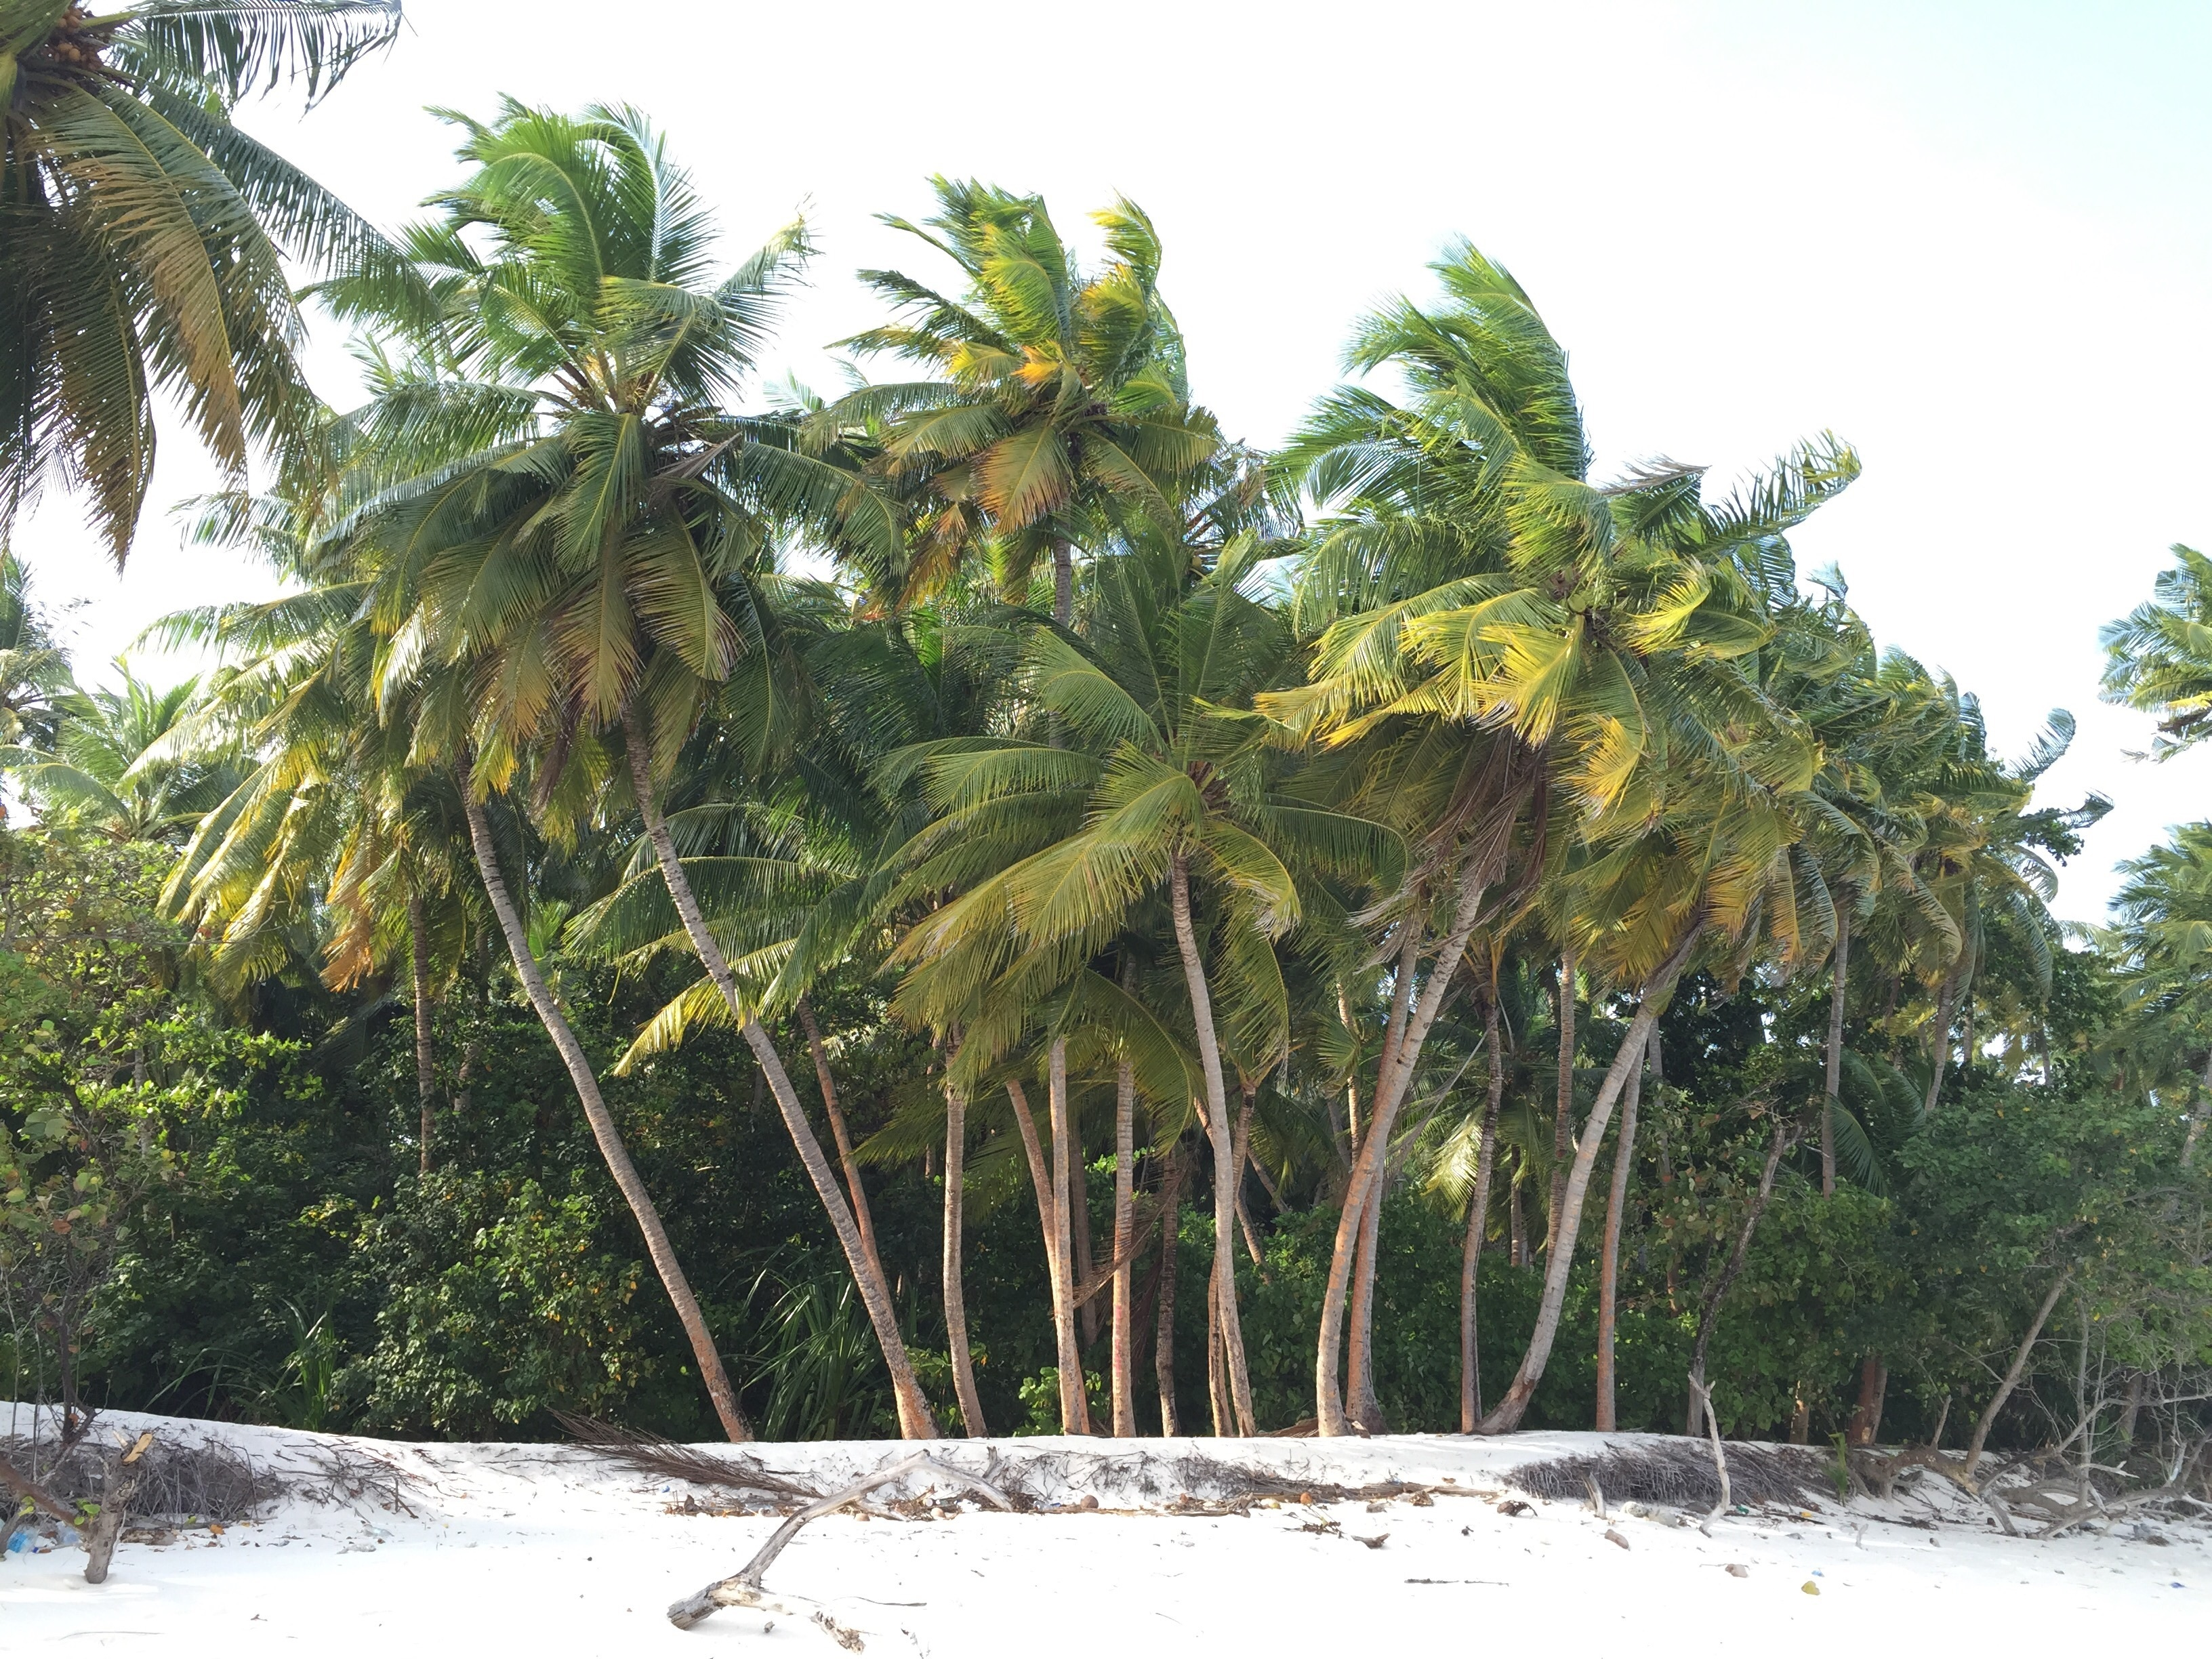 134288 Заставки и Обои Песок на телефон. Скачать Песок, Природа, Деревья, Пляж, Пальмы картинки бесплатно